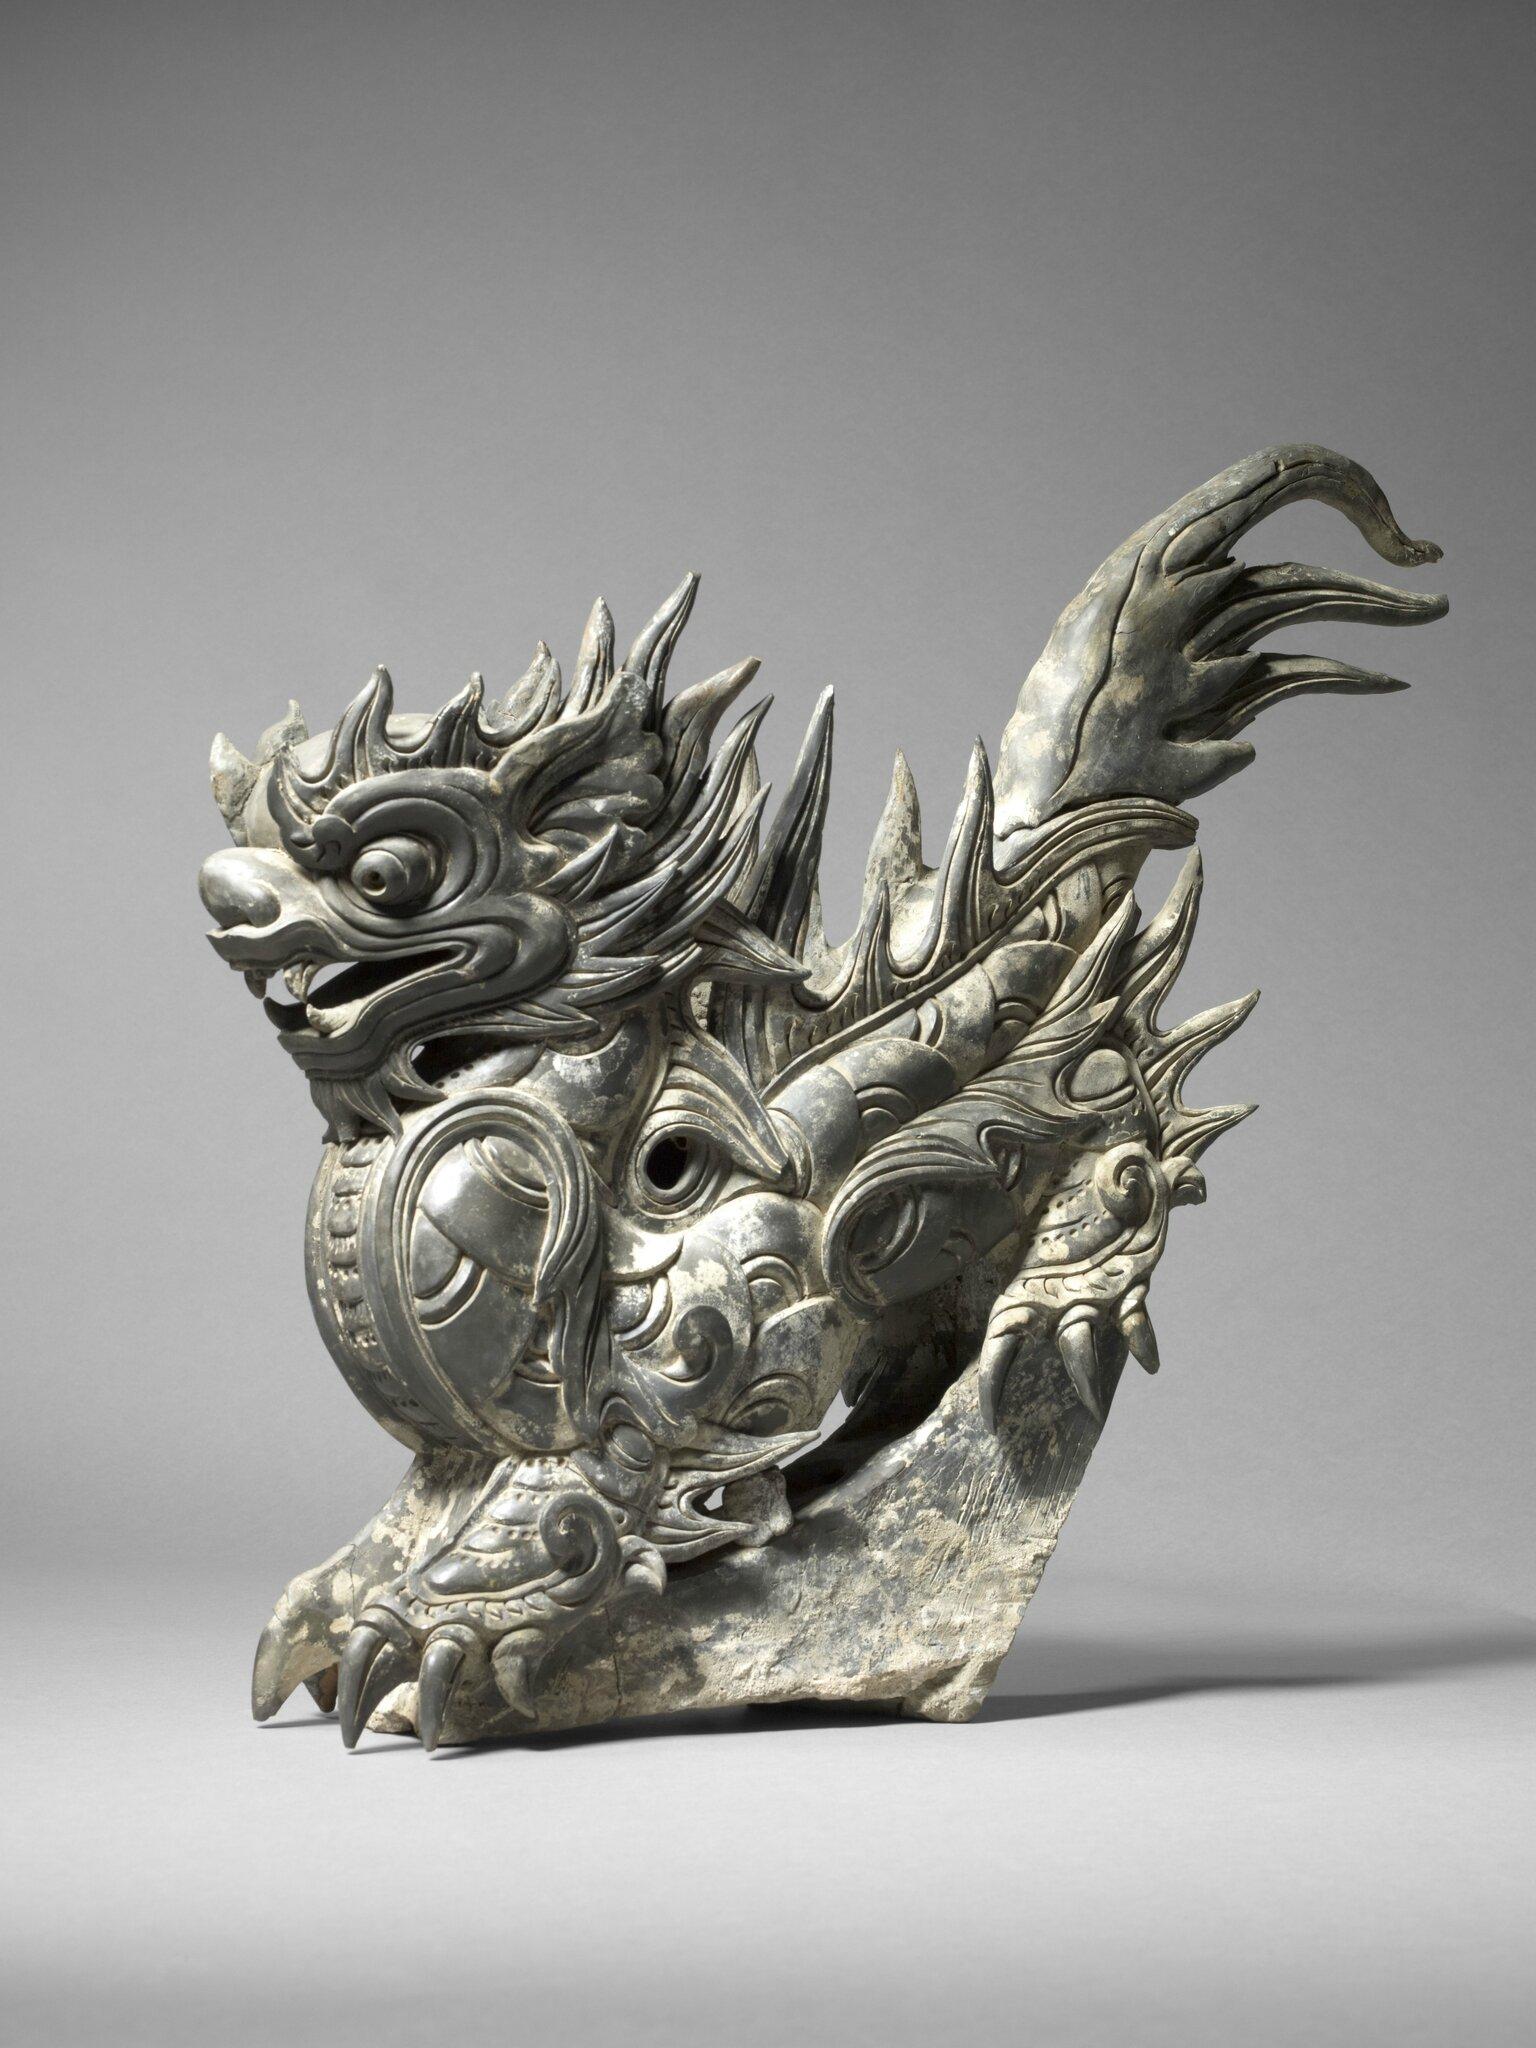 Titre : Ornement de toiture en forme de dragon. Terre cuite grise. Epoque Lê, 18e siècle. H. 61 cm; L. 45 cm ; P. 18 cm. MNAAG, Paris © D.R / Photos : Thierry Ollivier